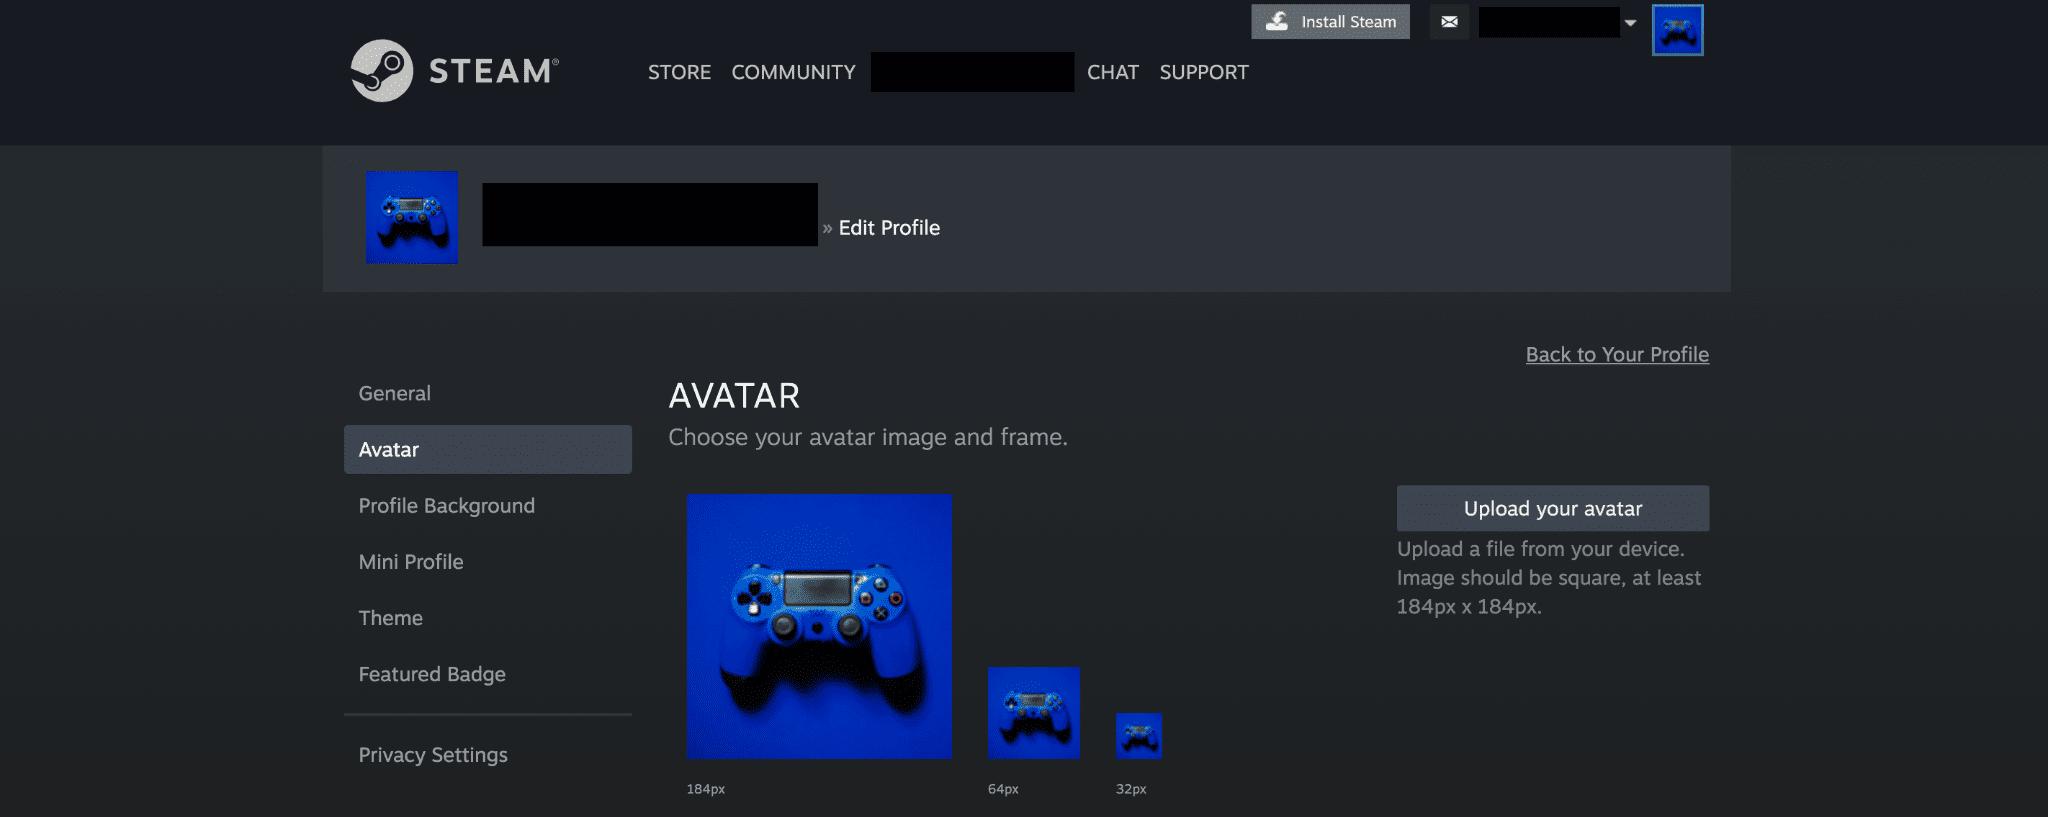 steam avatar upload